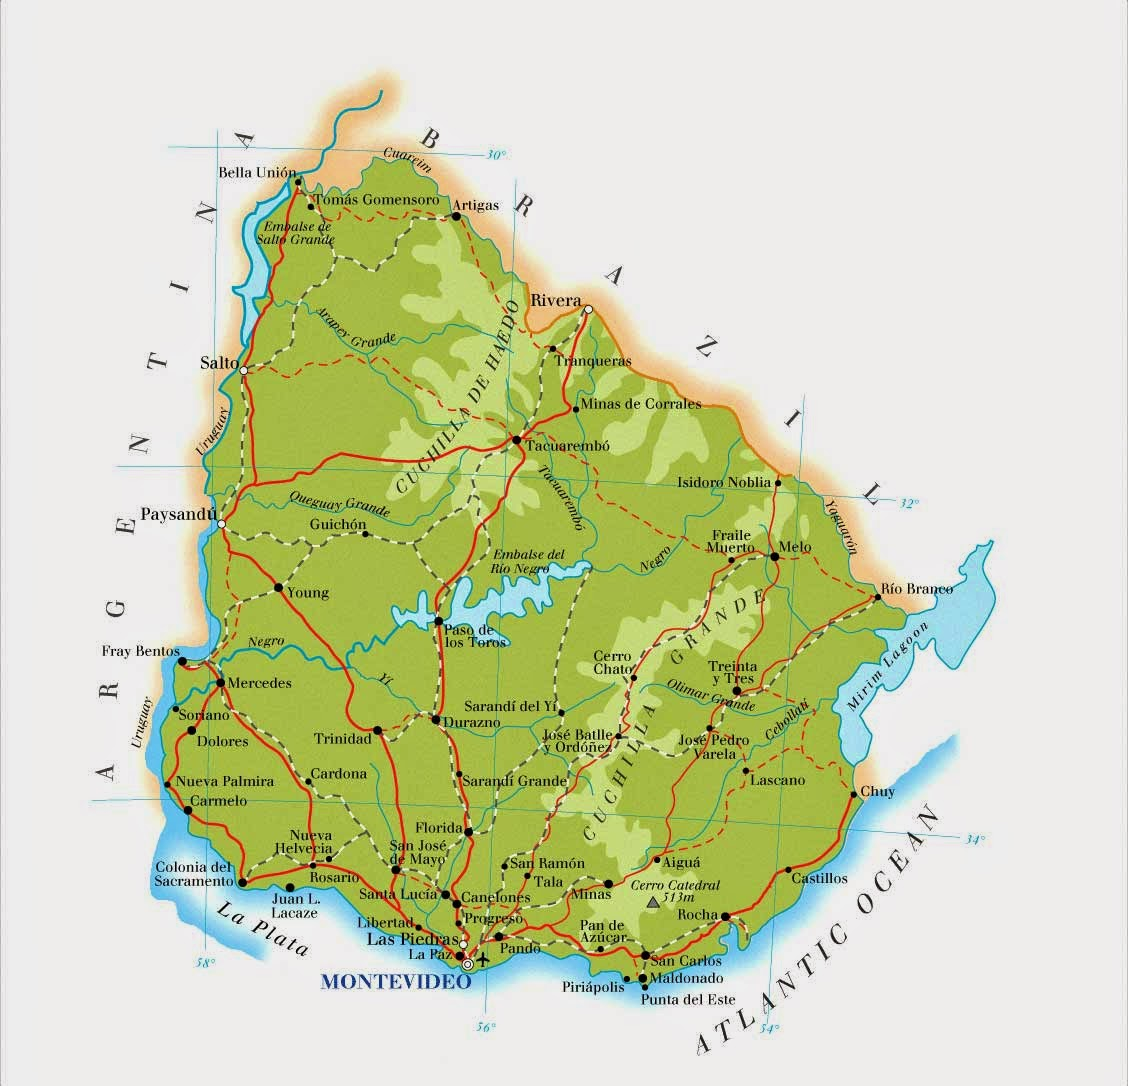 Uruguai | Mapas Geográficos do Uruguai